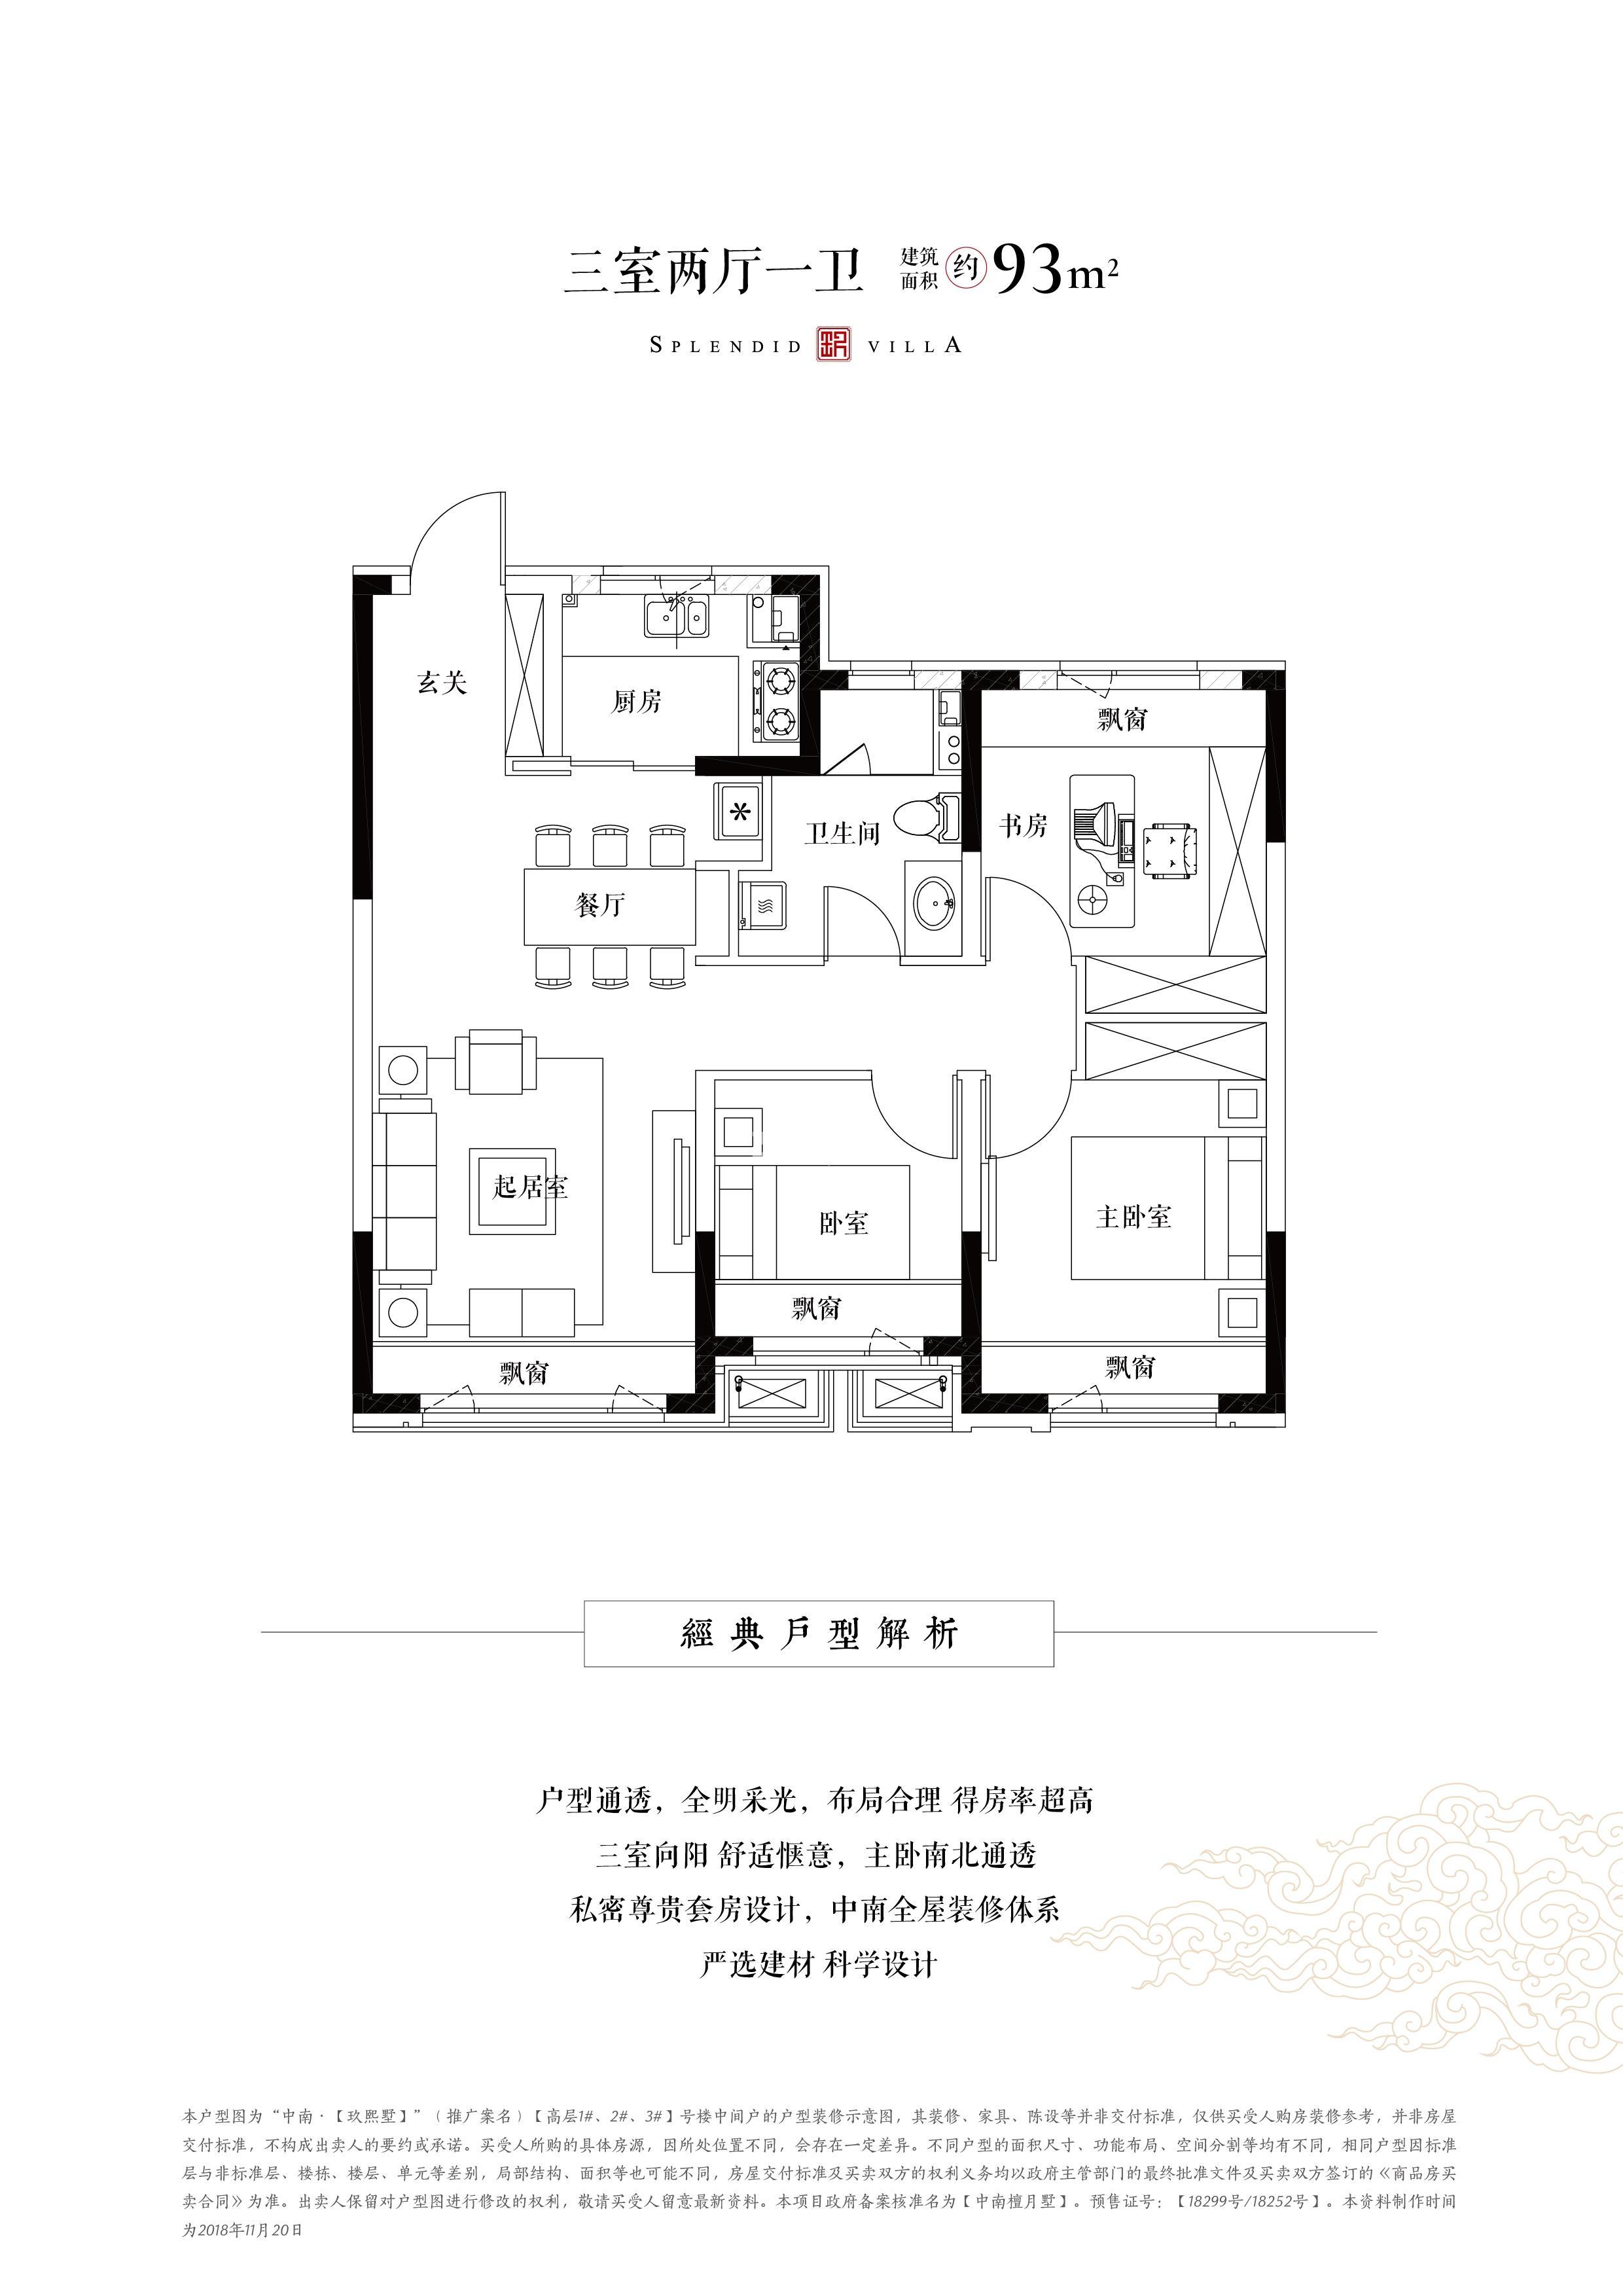 中南玖熙墅高层93平